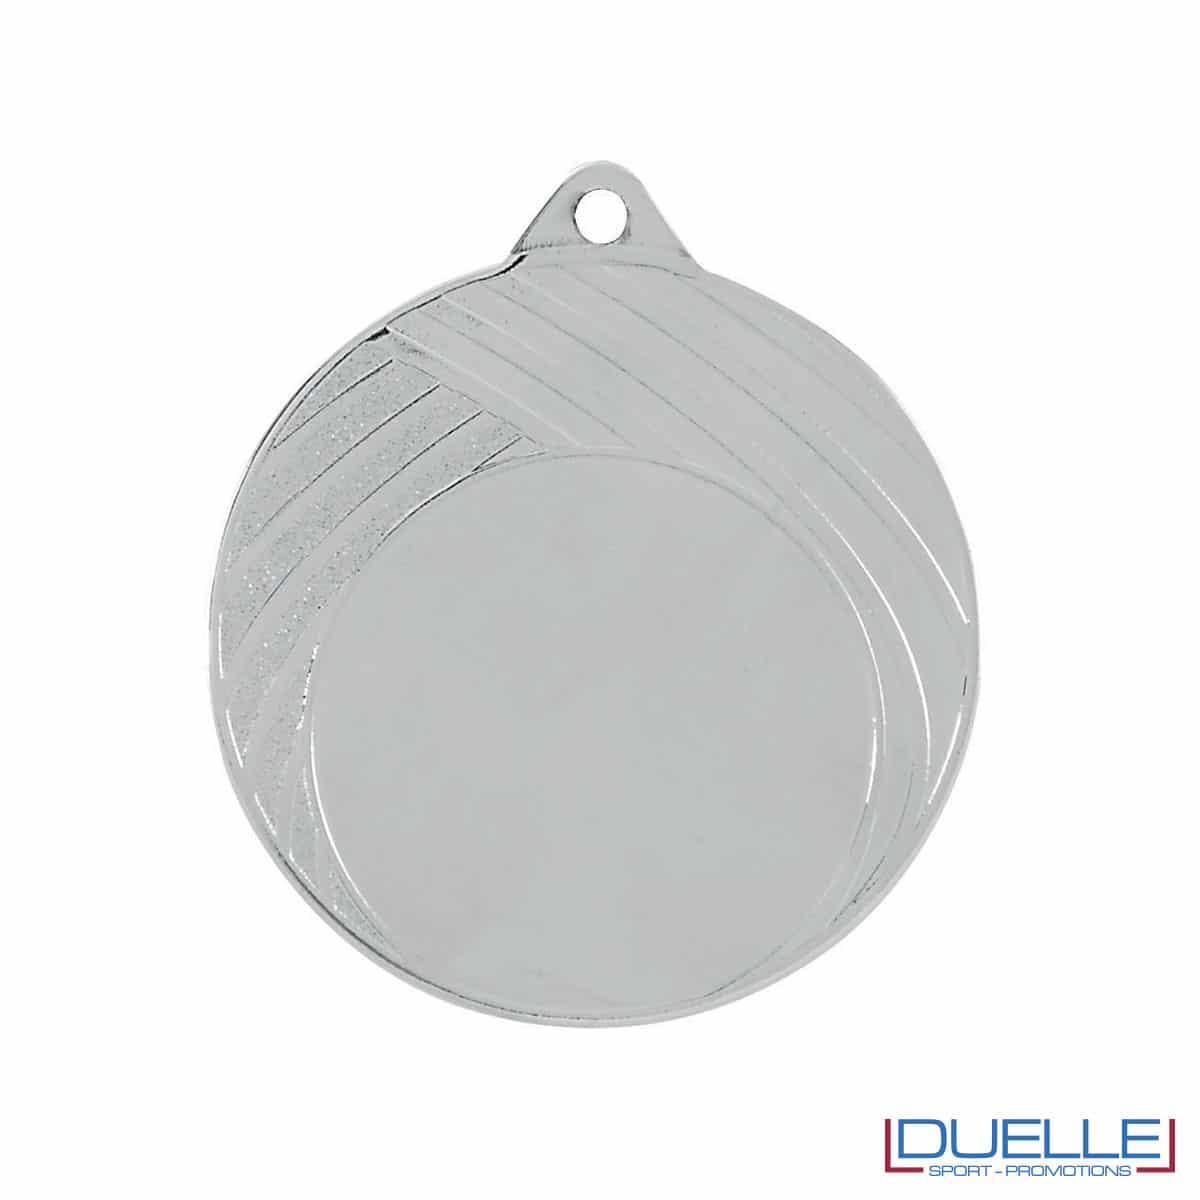 Medaglia in argento 70mm con decorazione a strisce personalizzabile